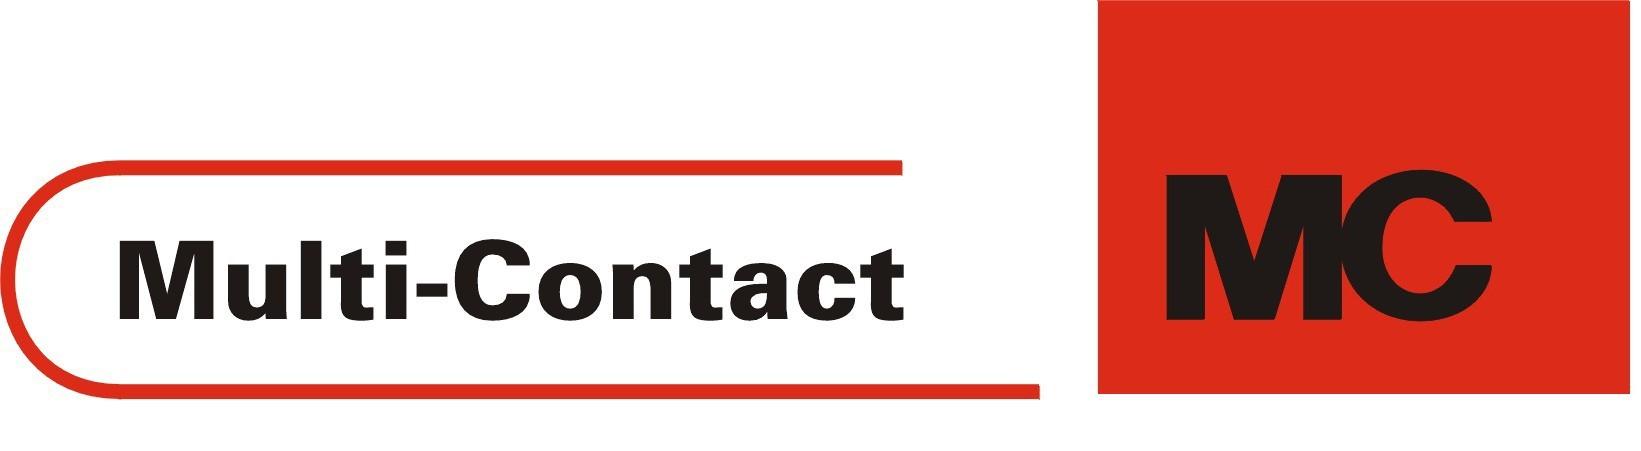 Muliti Contact ( MC4 )